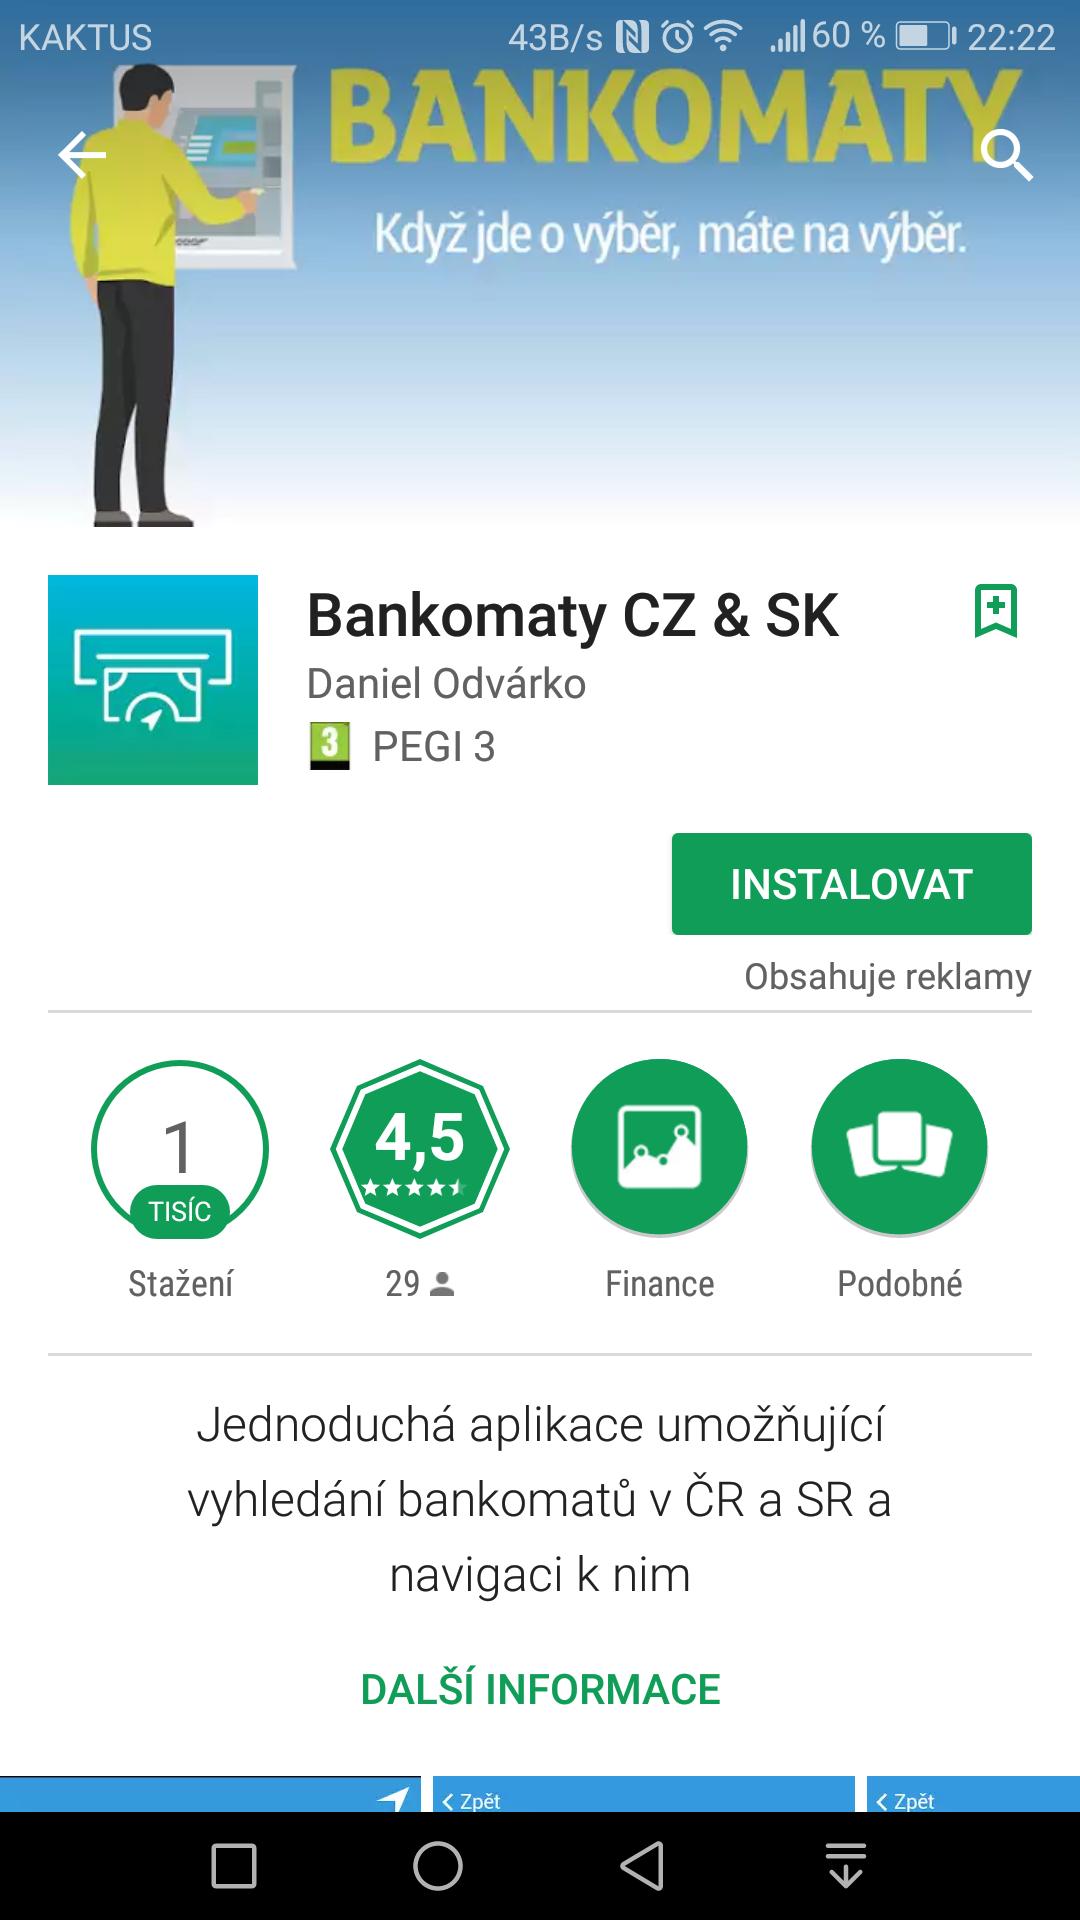 Bankomaty CZ & SK 1